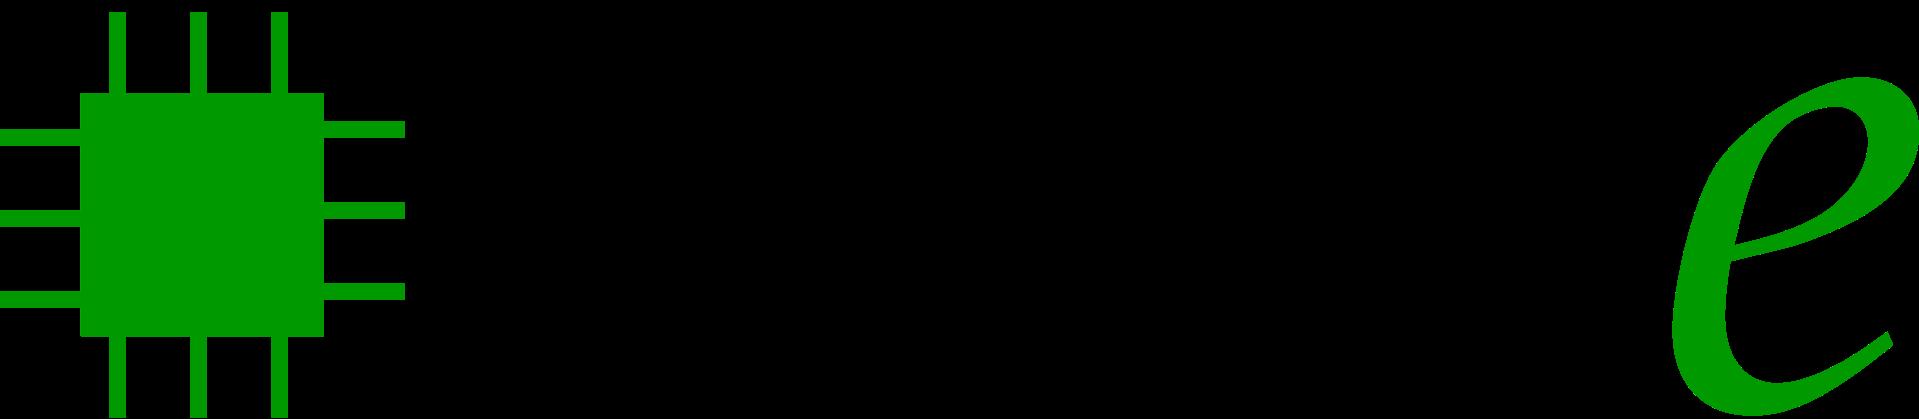 SoC-e